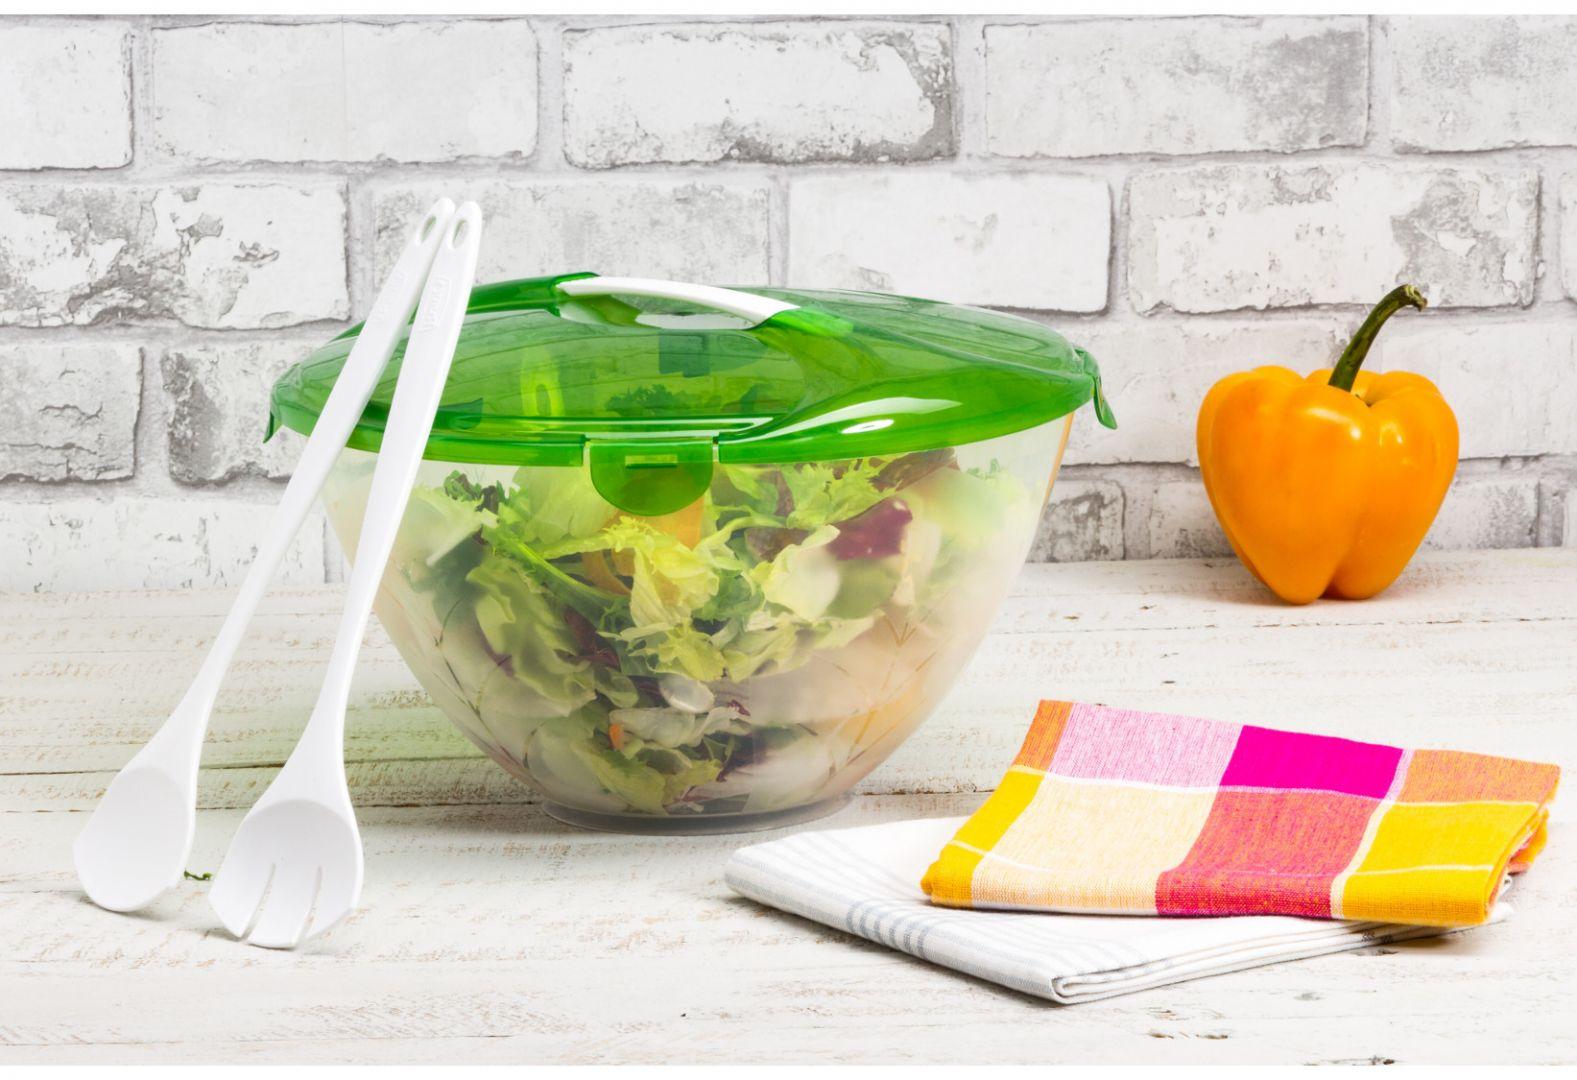 Planujesz przygotować na piknik wiosenną sałatkę, zdecyduj się na miskę z przykrywką w zestawie z plastikowymi łyżkami. Fot. Salony Agata